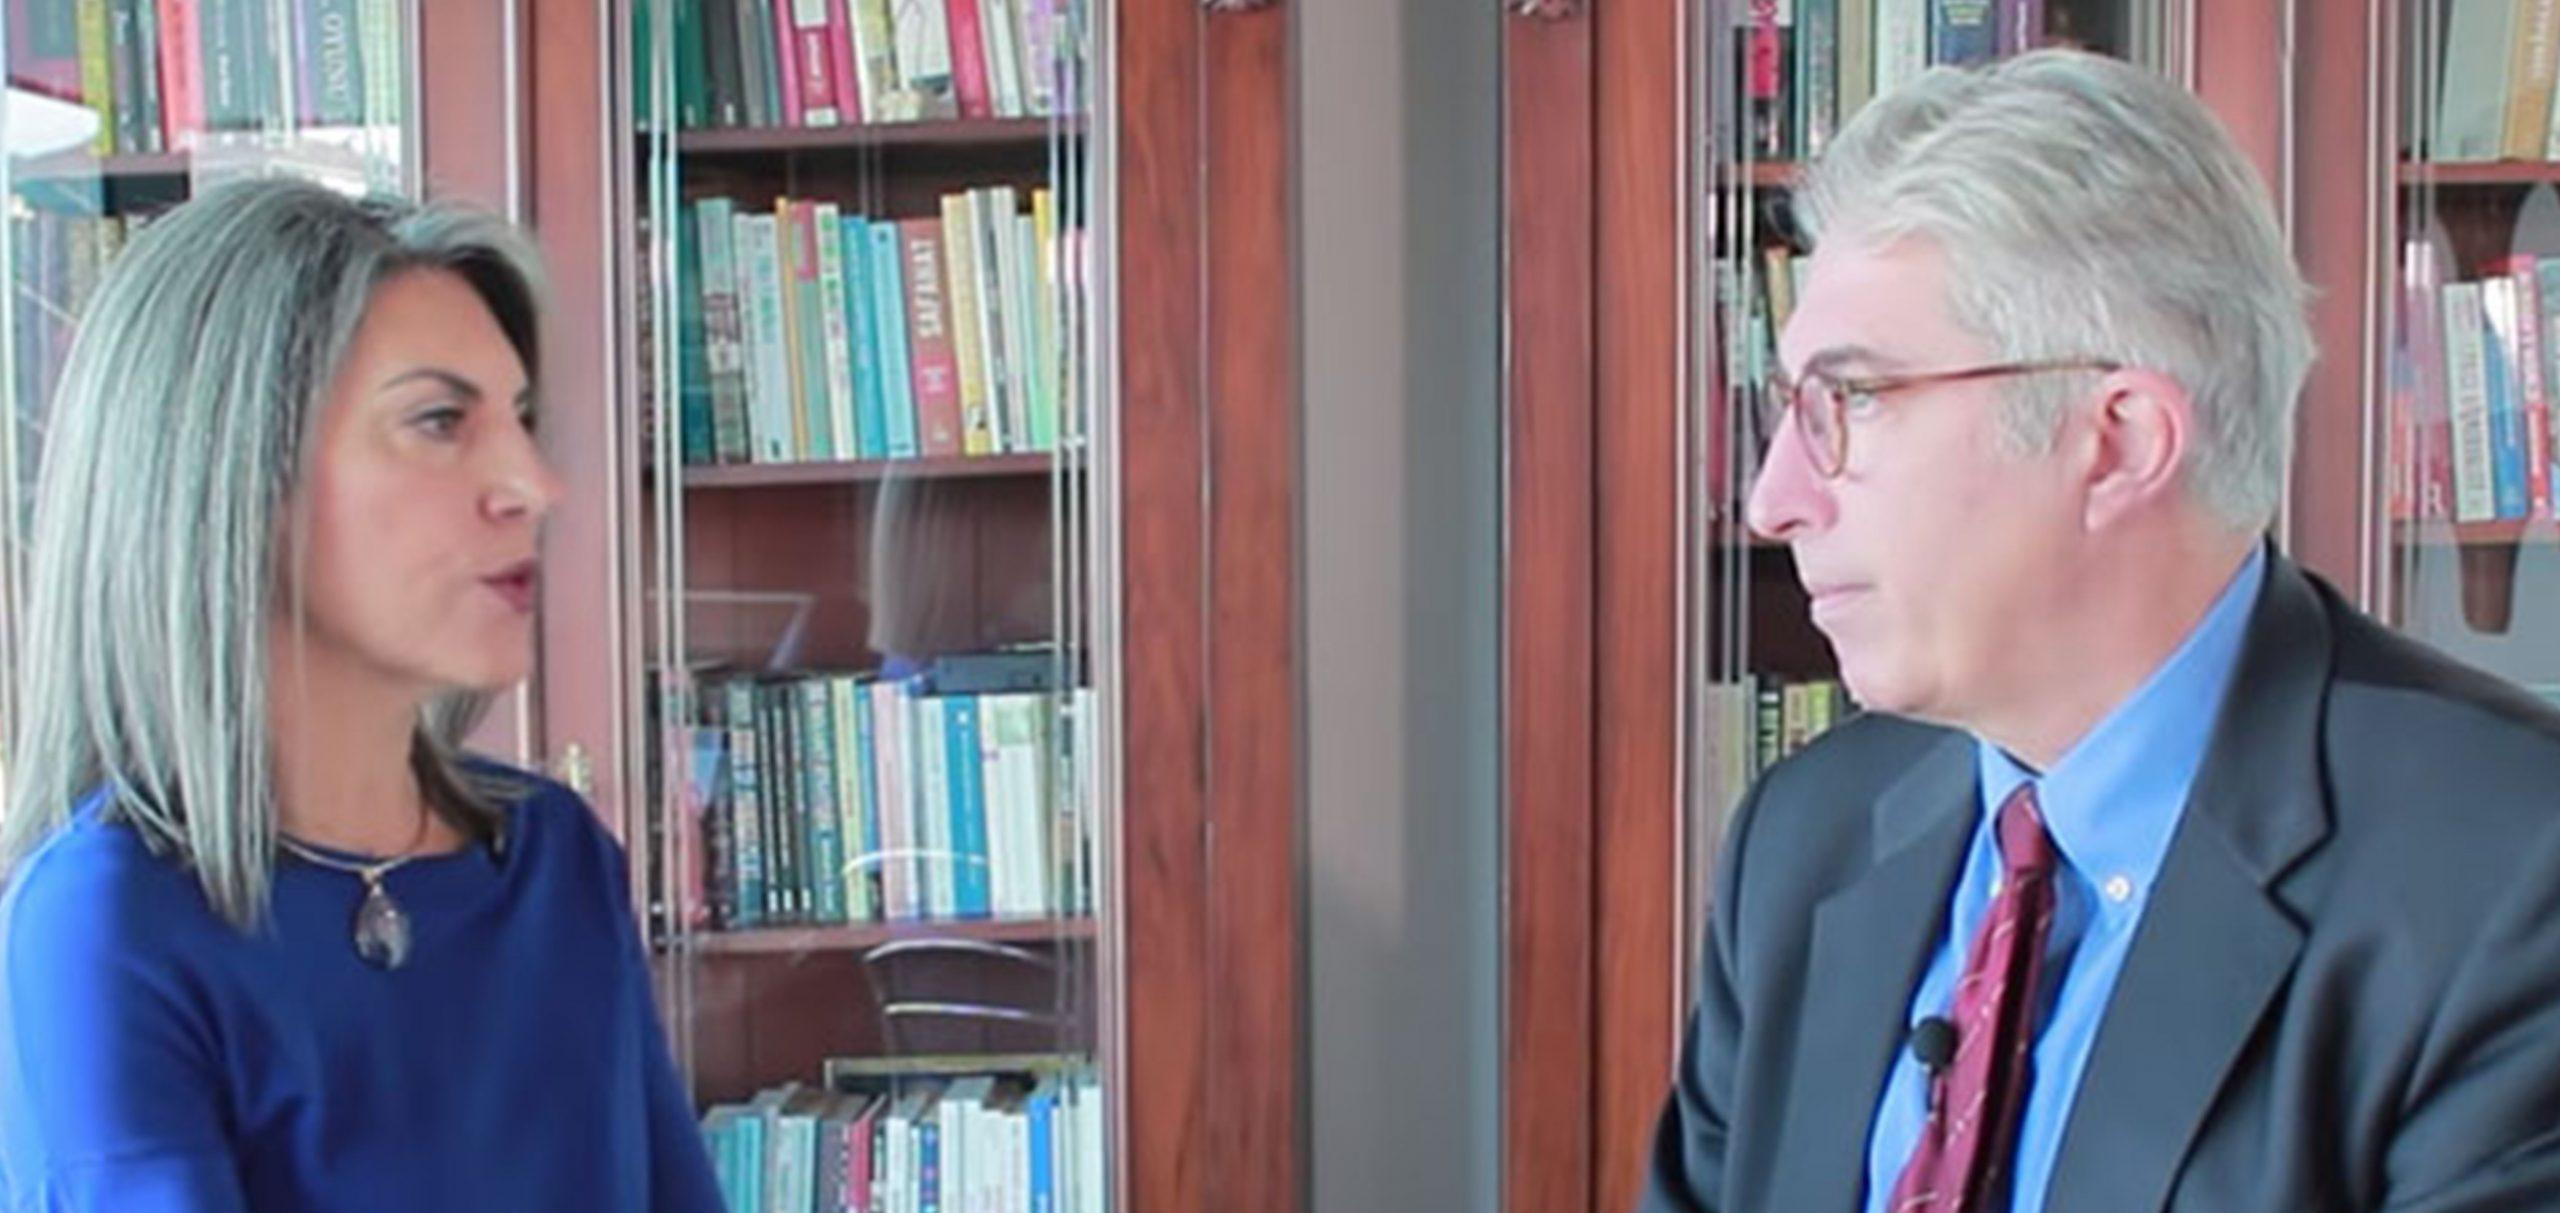 Röportaj: Yaprak Özer & Murat Yetkin